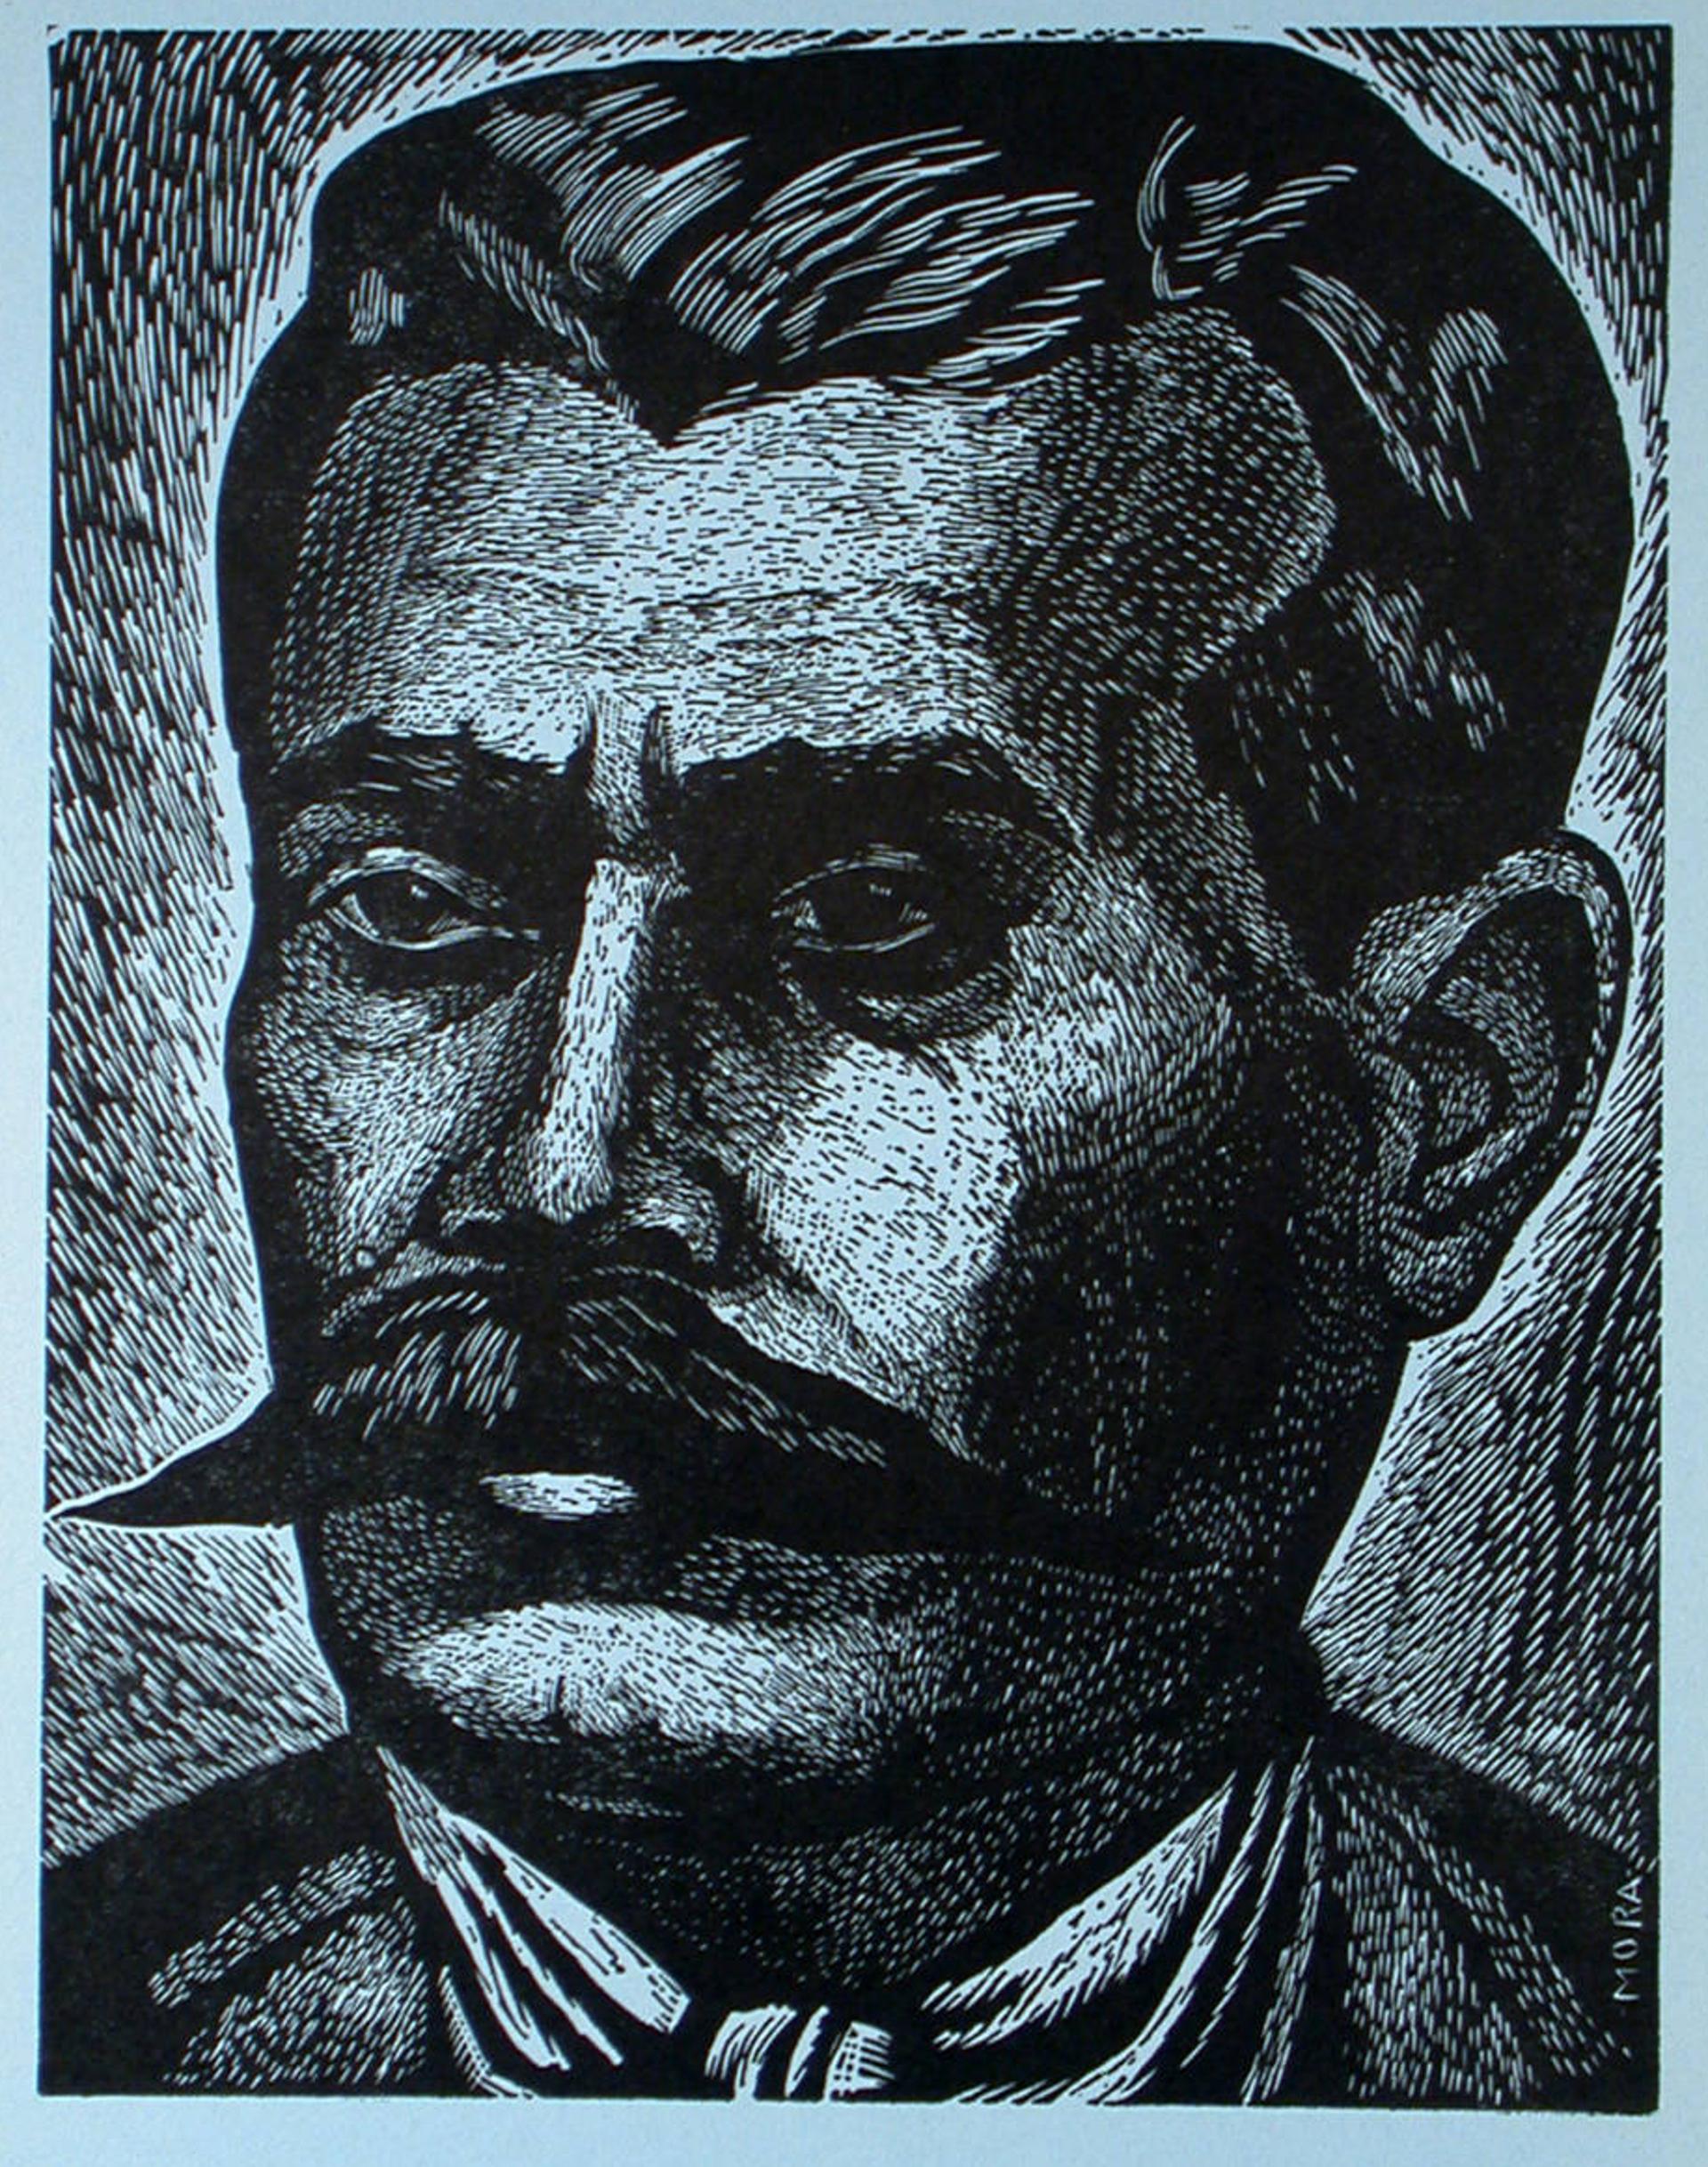 Emiliano Zapata, Lider de la Revolución Agraria by Francisco Mora (1922 - 2002)